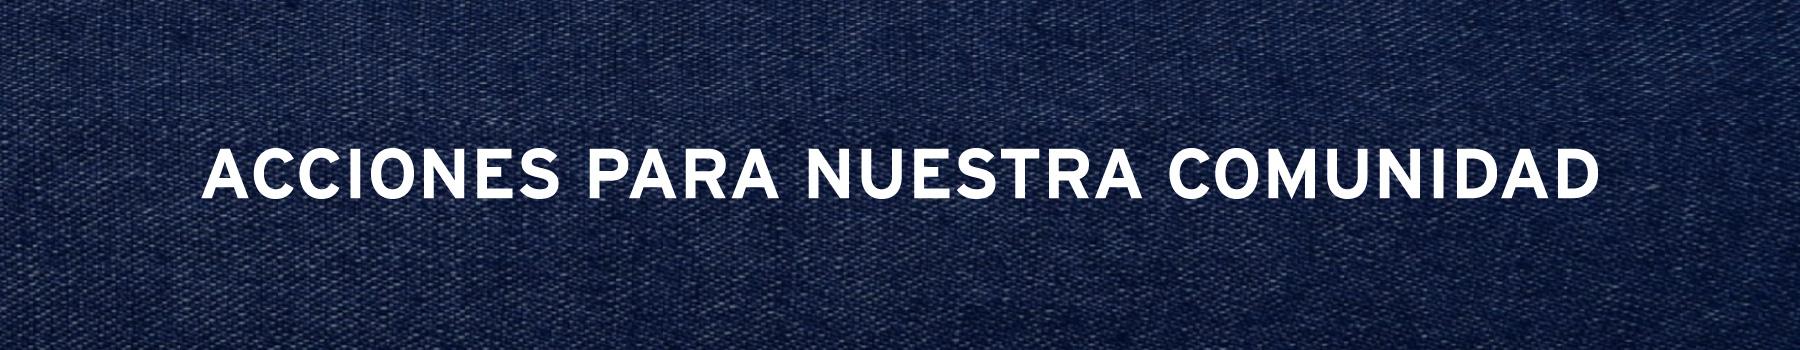 BANNER-ACCIONES-PARA-NUESTRA-COMUNIDAD-1800X350